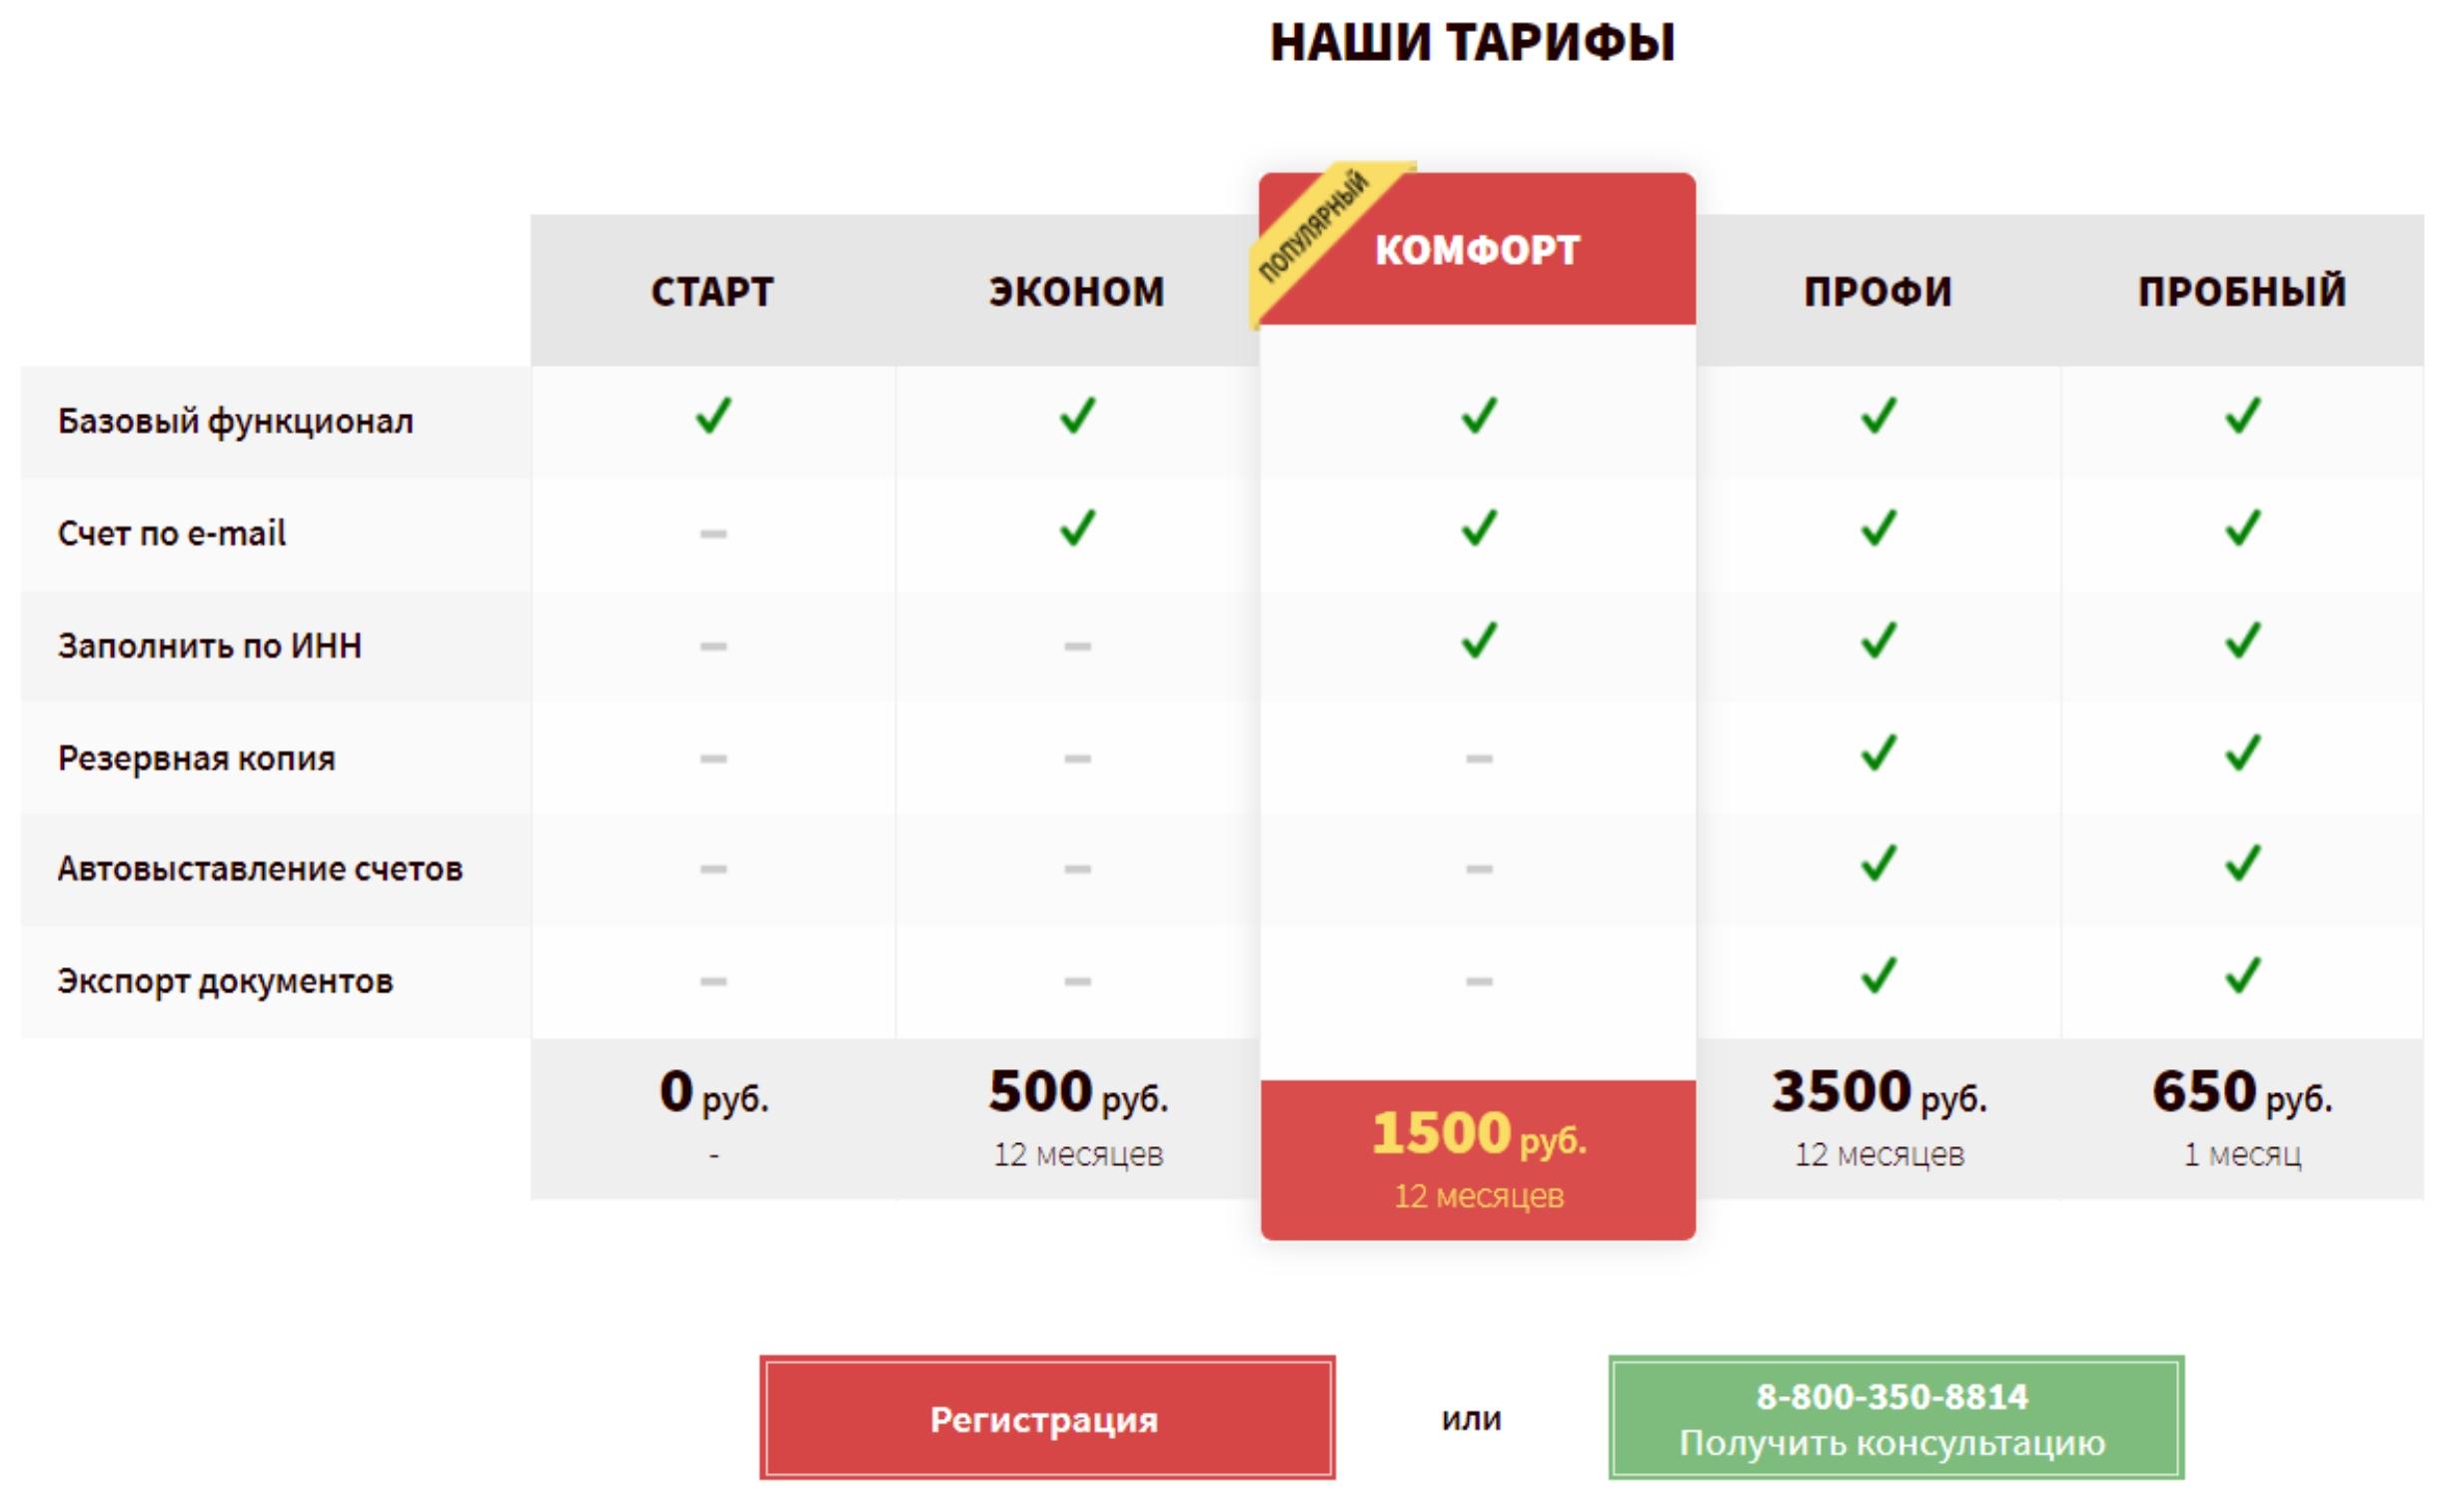 Стоимость службы выставления счета онлайн для фрилансеров